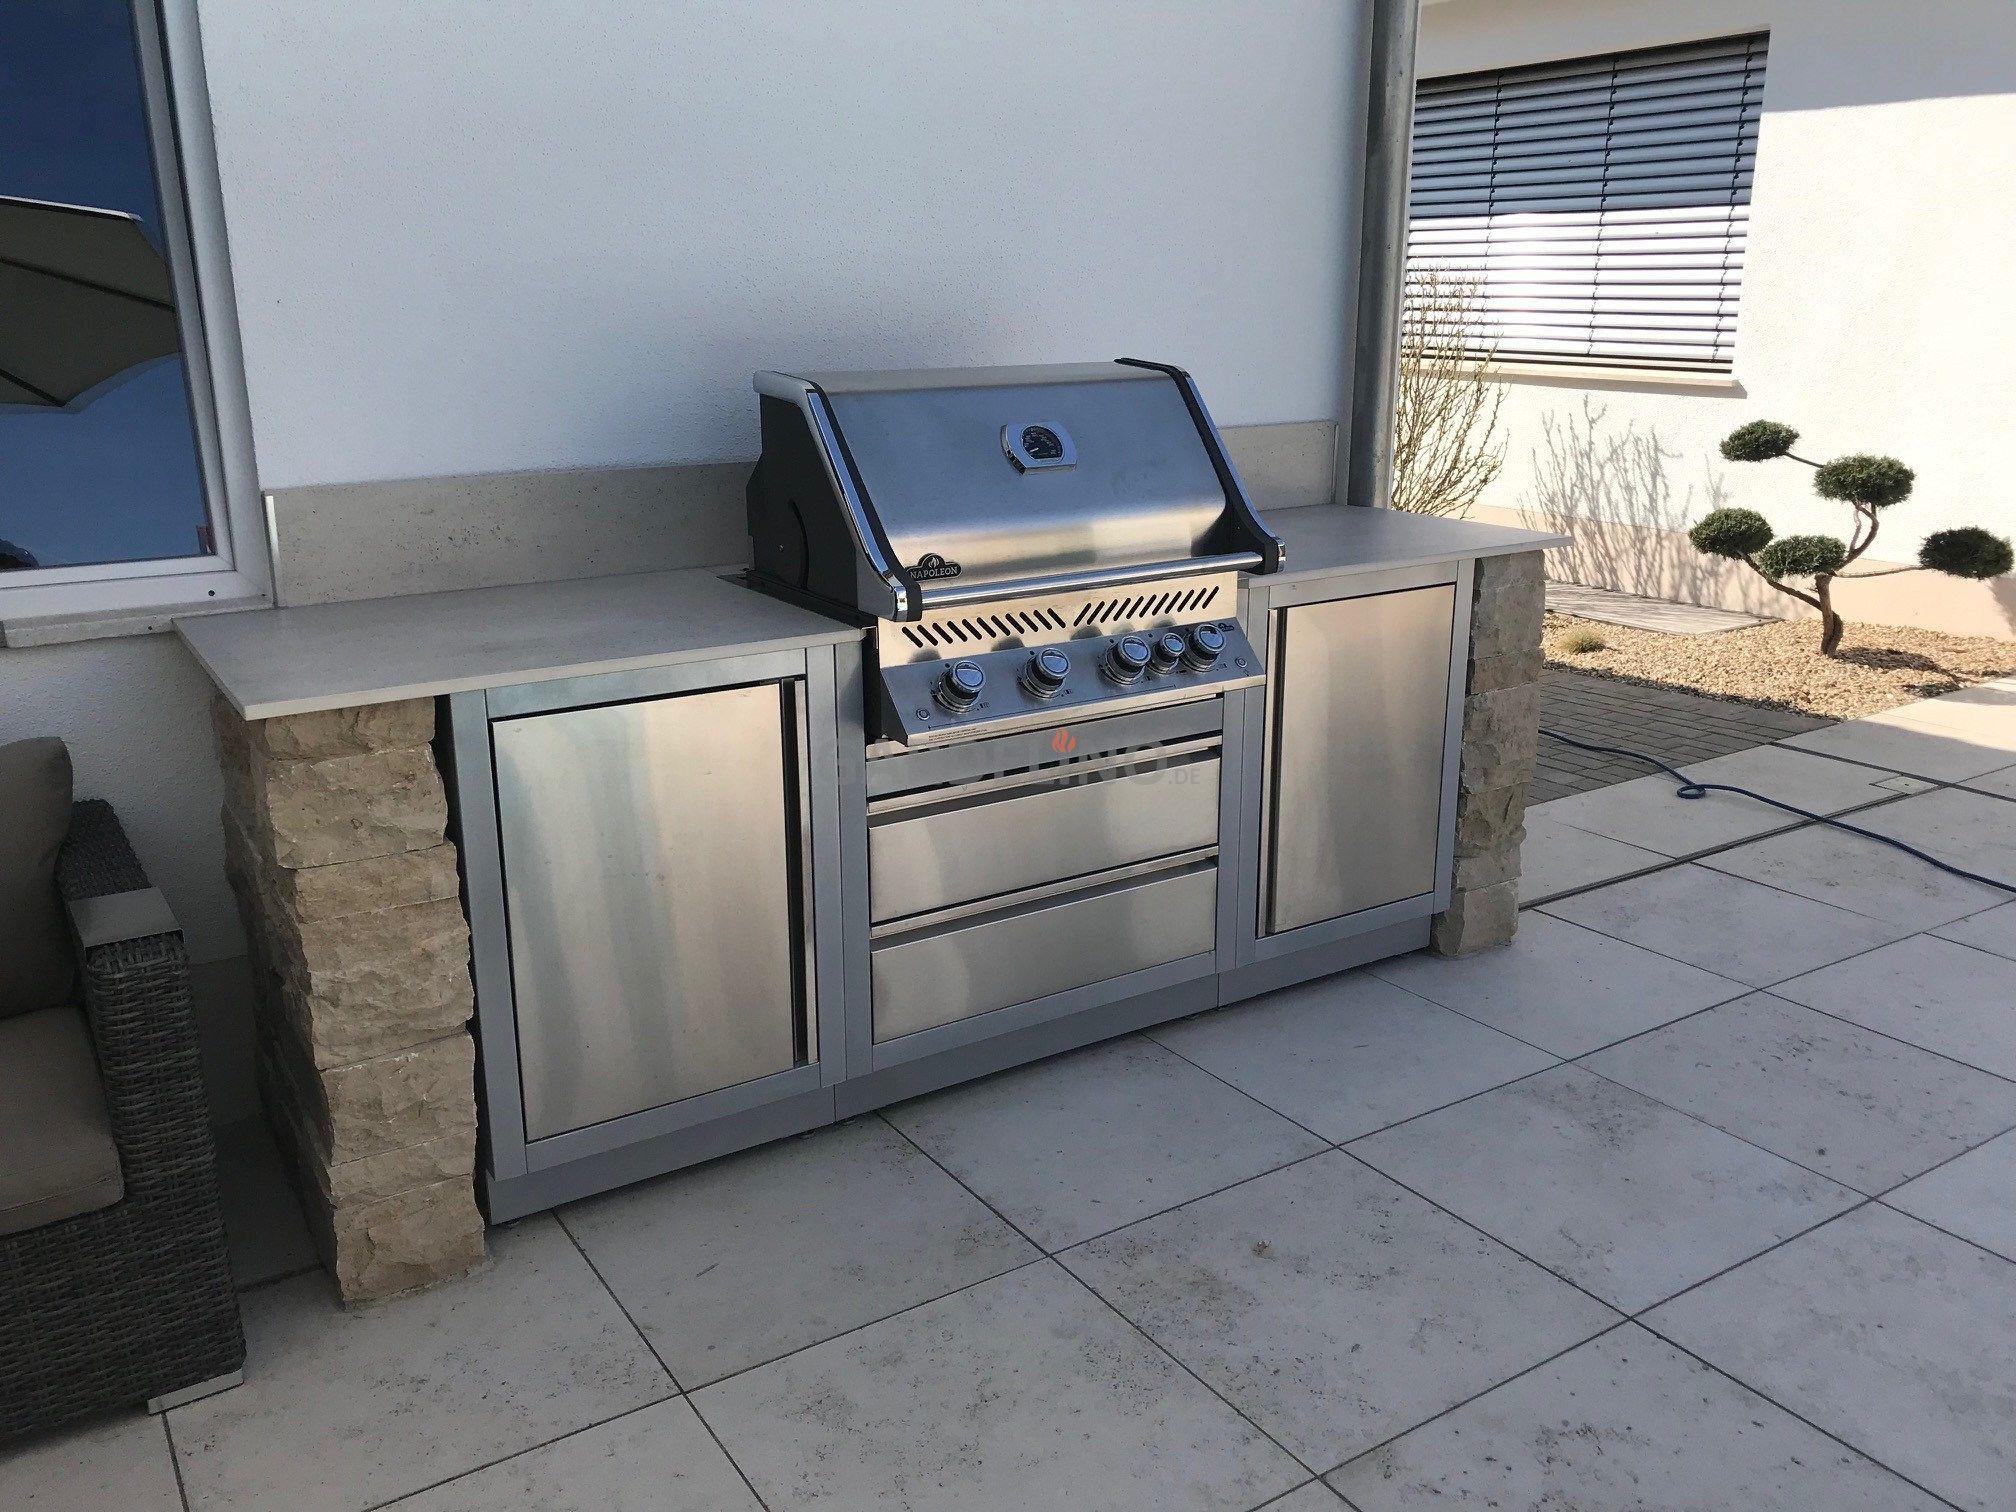 Outdoorküche Napoleon Wiki : Outdoor küche napoleon outdoor küche napoleon wasserhahn küche